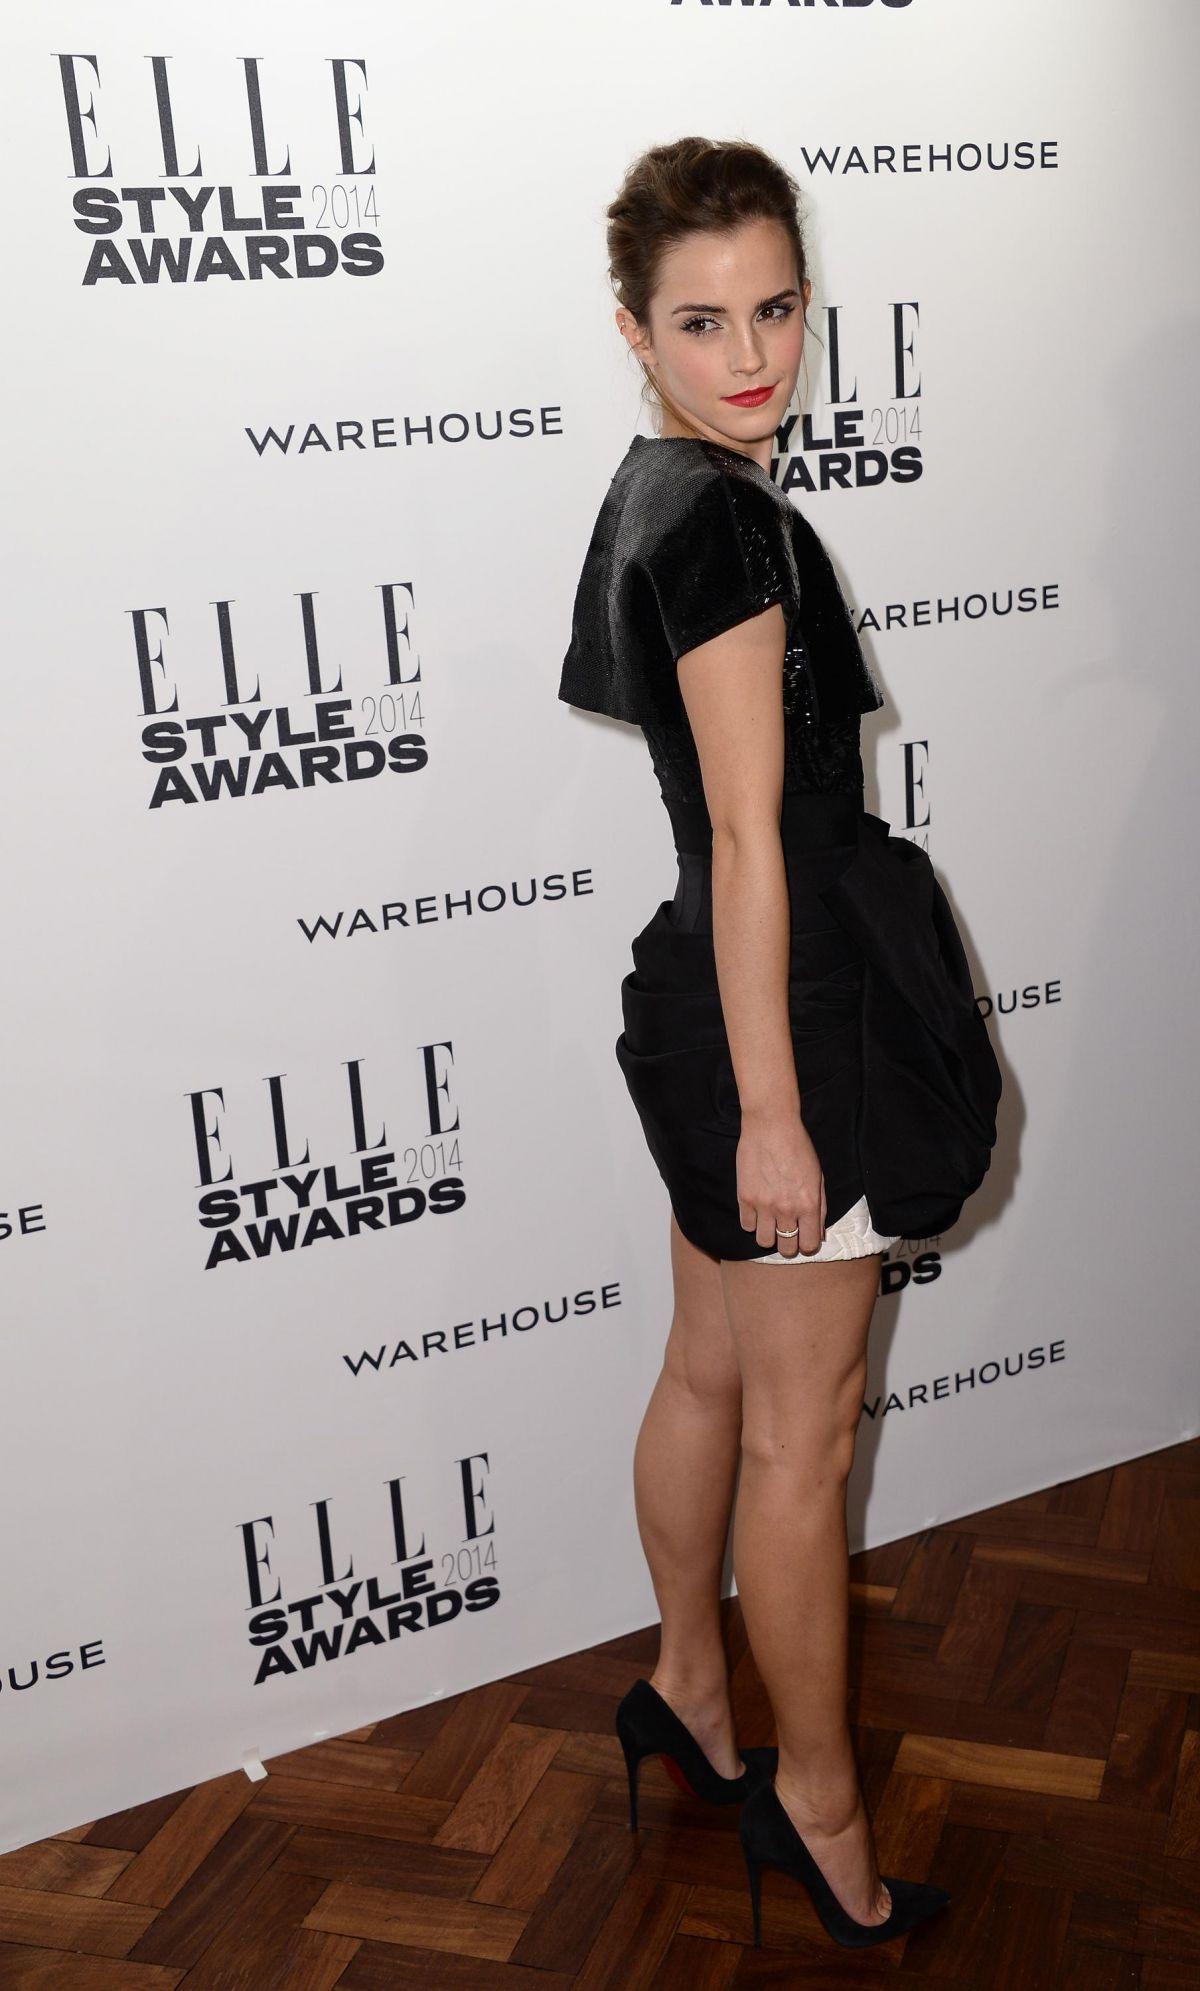 EMMA WATSON at 2014 Elle Style Awards in London – HawtCelebs